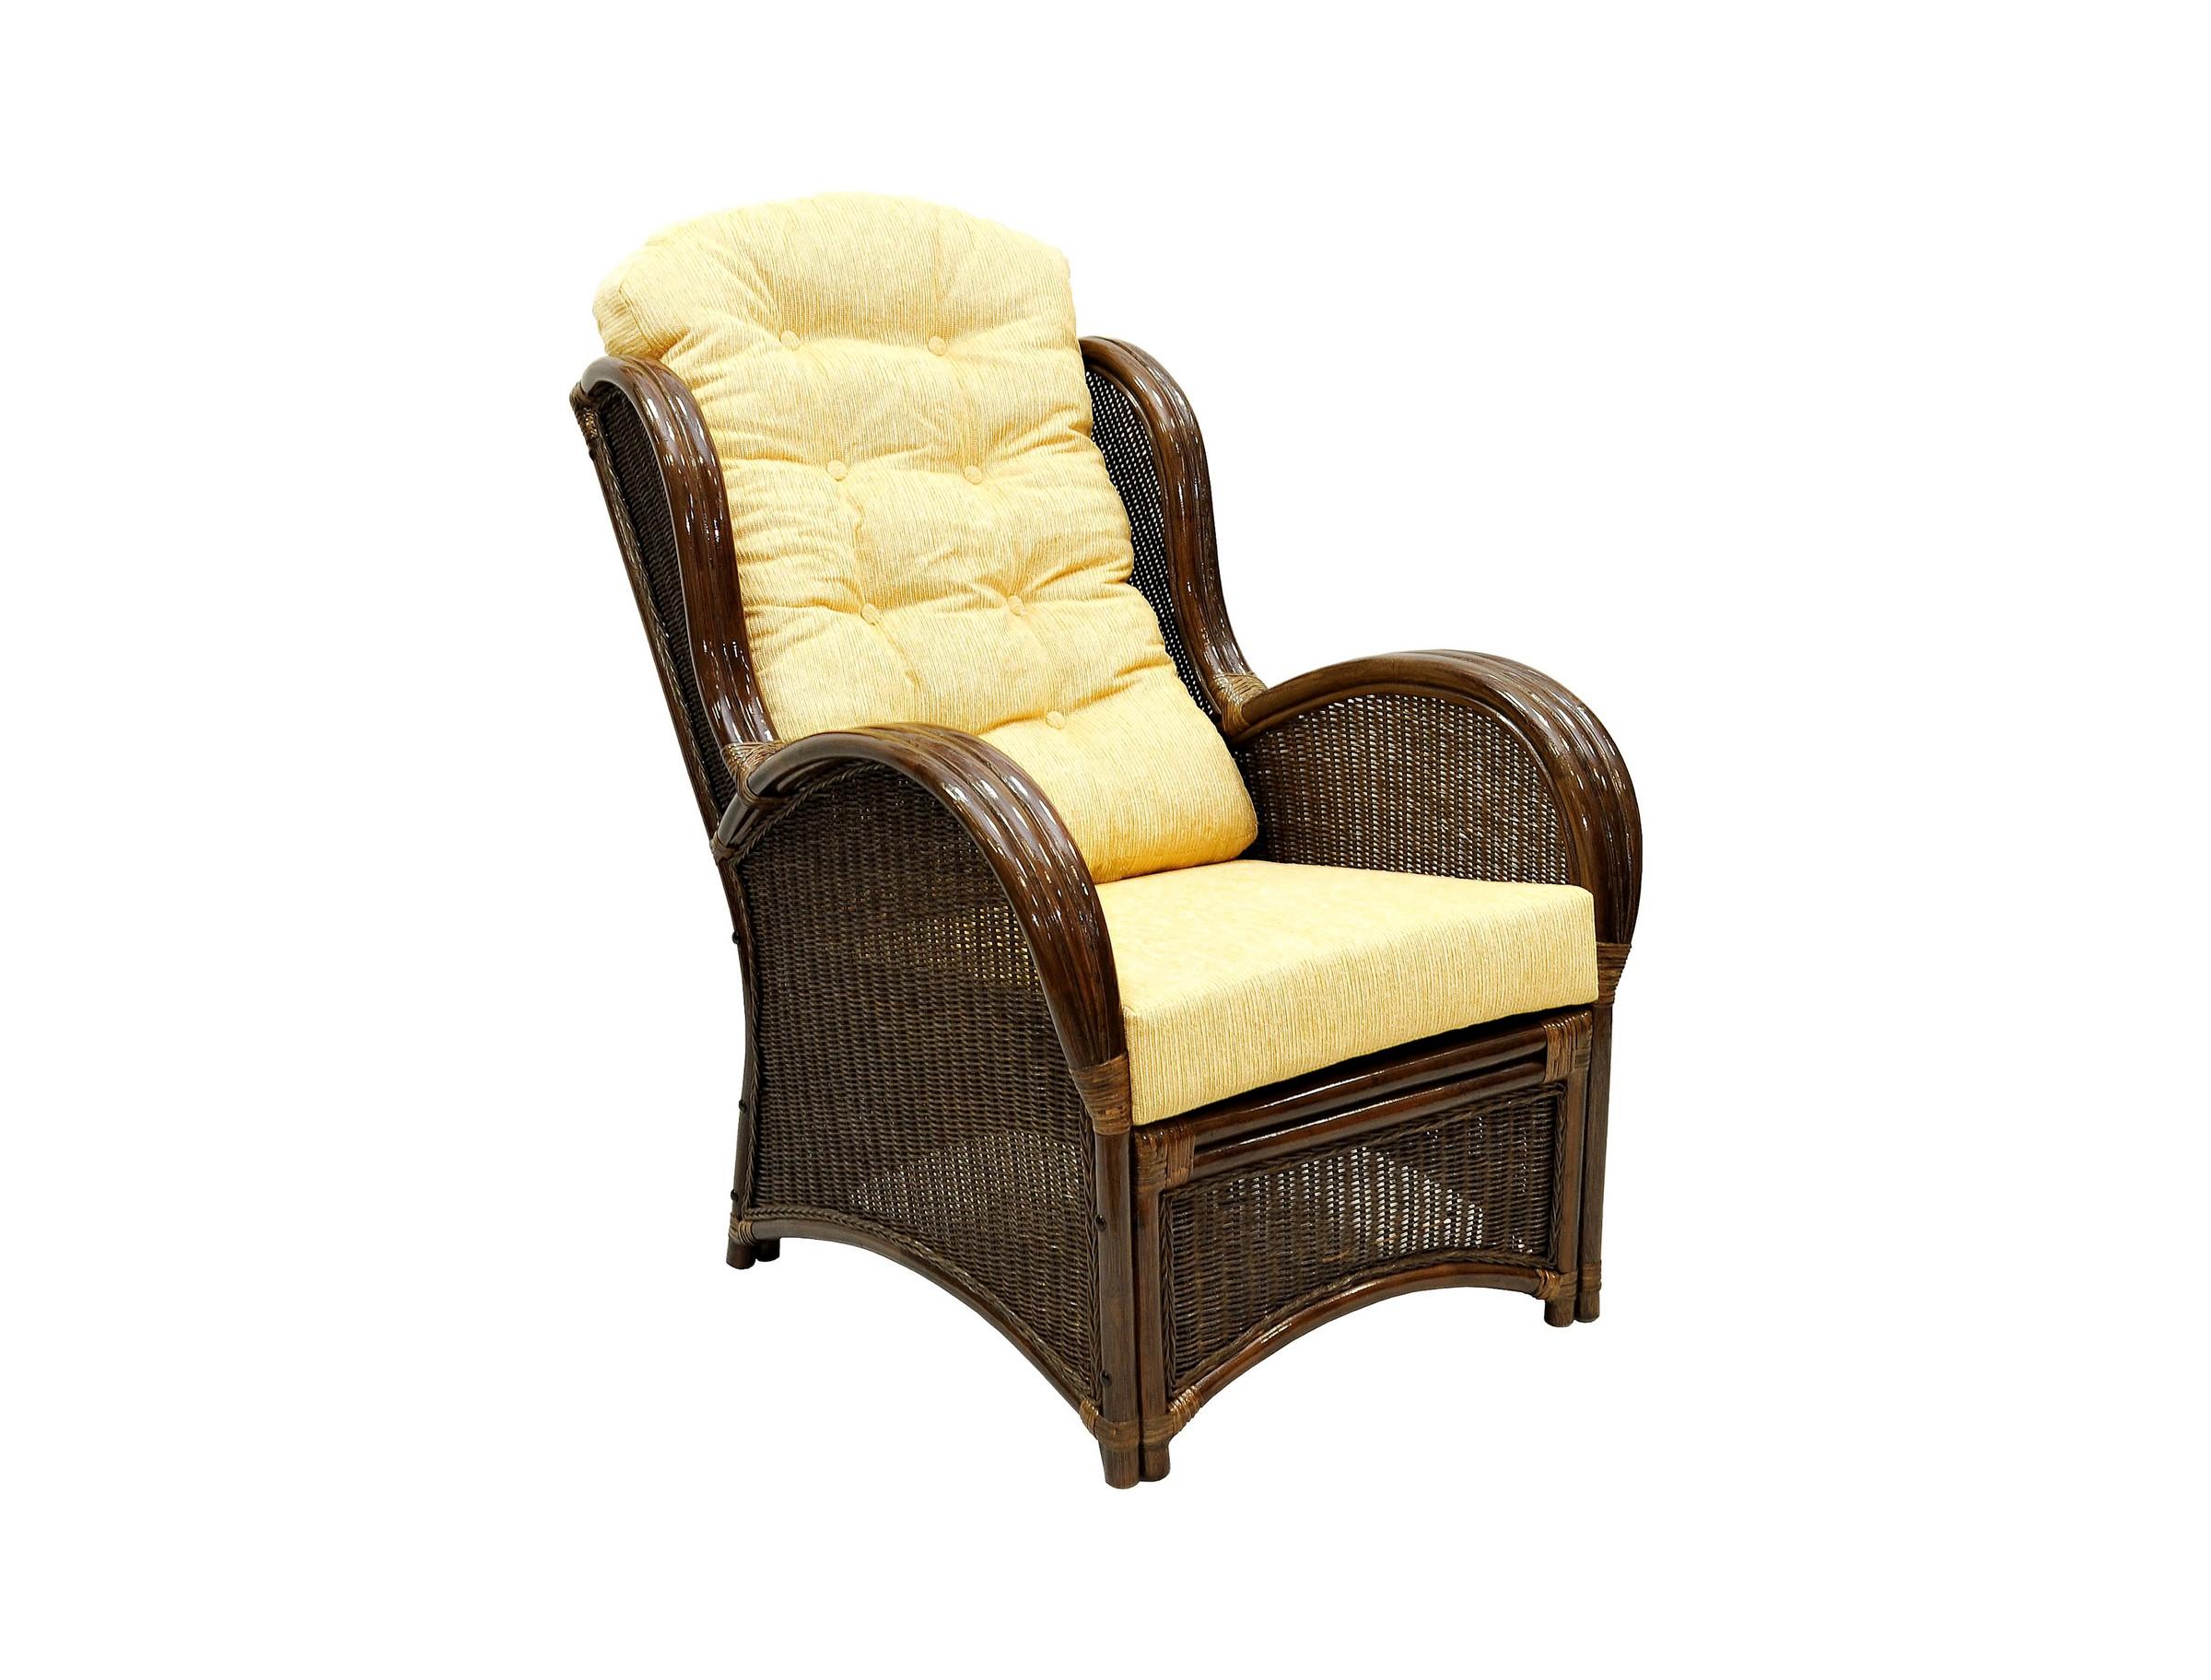 Кресло для отдыха WingКресла с высокой спинкой<br>Подлокотники кресла выполнены из соединенных между собой трех стволов ротанга. Боковины и спинку украшает оригинальное плетение из расщепленного ротанга. &amp;amp;nbsp;&amp;lt;div&amp;gt;&amp;lt;br&amp;gt;&amp;lt;/div&amp;gt;&amp;lt;div&amp;gt;Цвет: браун (коричневый)&amp;lt;/div&amp;gt;&amp;lt;div&amp;gt;Материал подушки: шенилл&amp;lt;/div&amp;gt;&amp;lt;div&amp;gt;Вес, кг:  19&amp;lt;/div&amp;gt;&amp;lt;div&amp;gt;Особенности:  сборно-разборная&amp;lt;/div&amp;gt;&amp;lt;div&amp;gt;Выдерживаемая нагрузка, кг:  120&amp;lt;/div&amp;gt;<br><br>Material: Ротанг<br>Width см: 72<br>Depth см: 101<br>Height см: 102